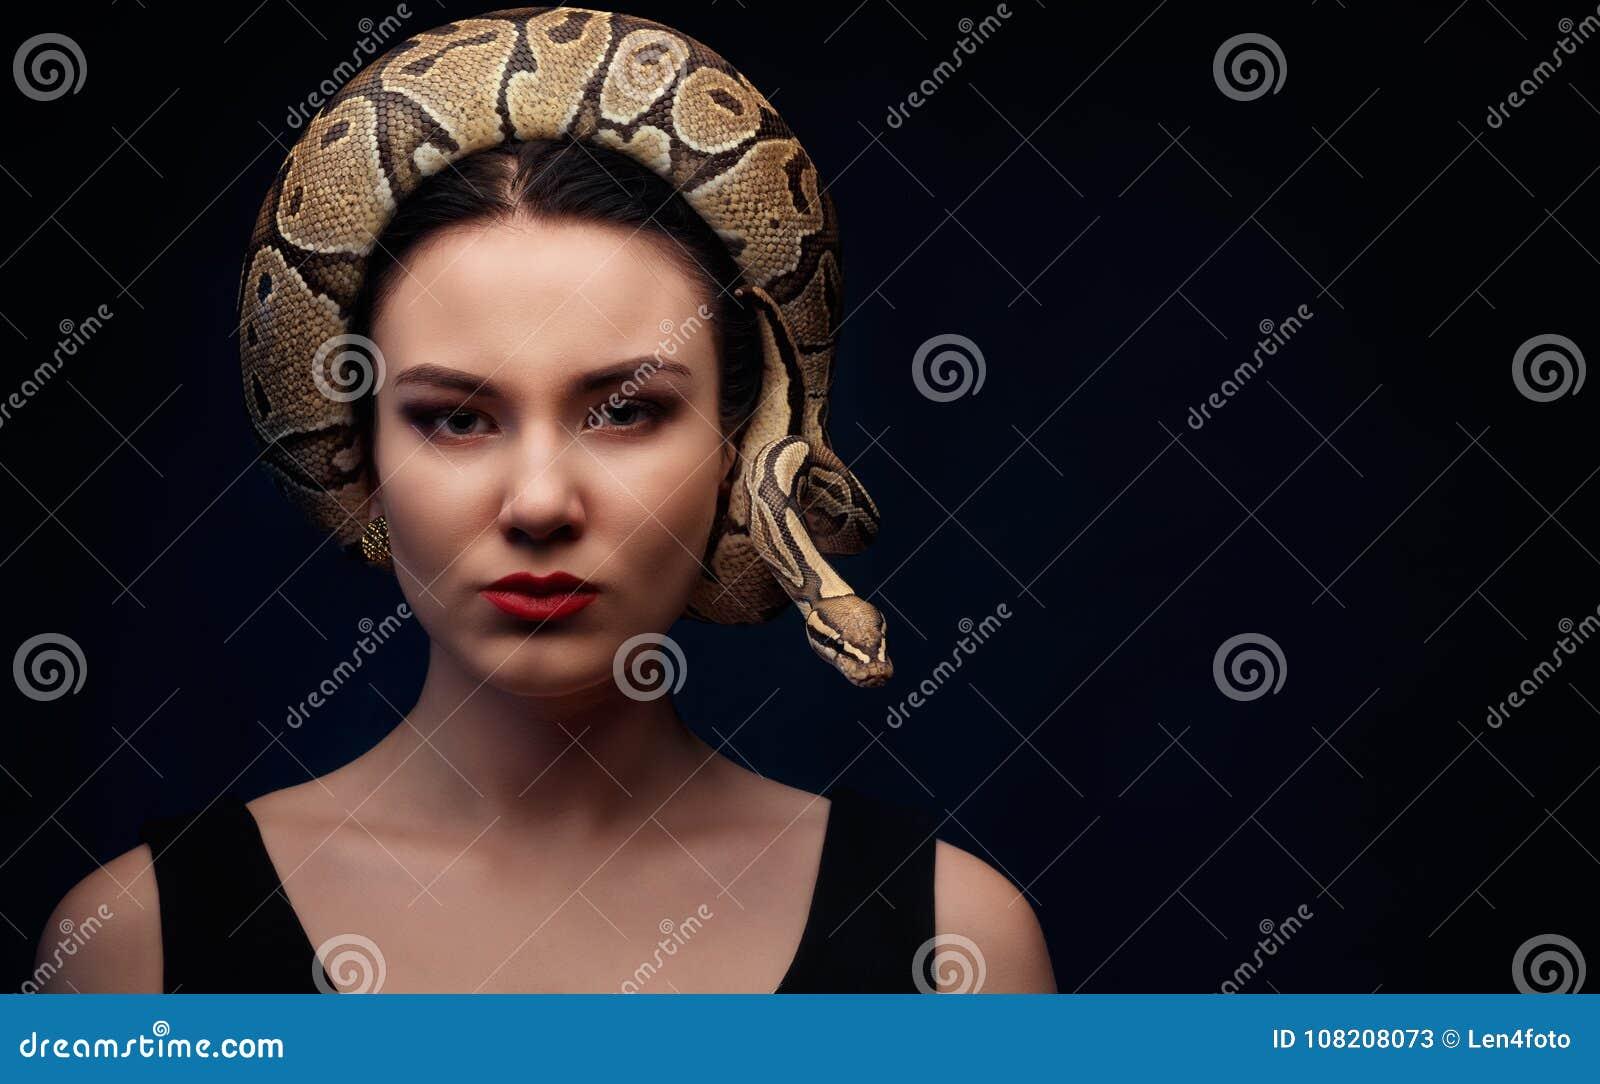 Sluit omhoog portret van vrouw met slang rond haar hoofd op donkere bedelaars